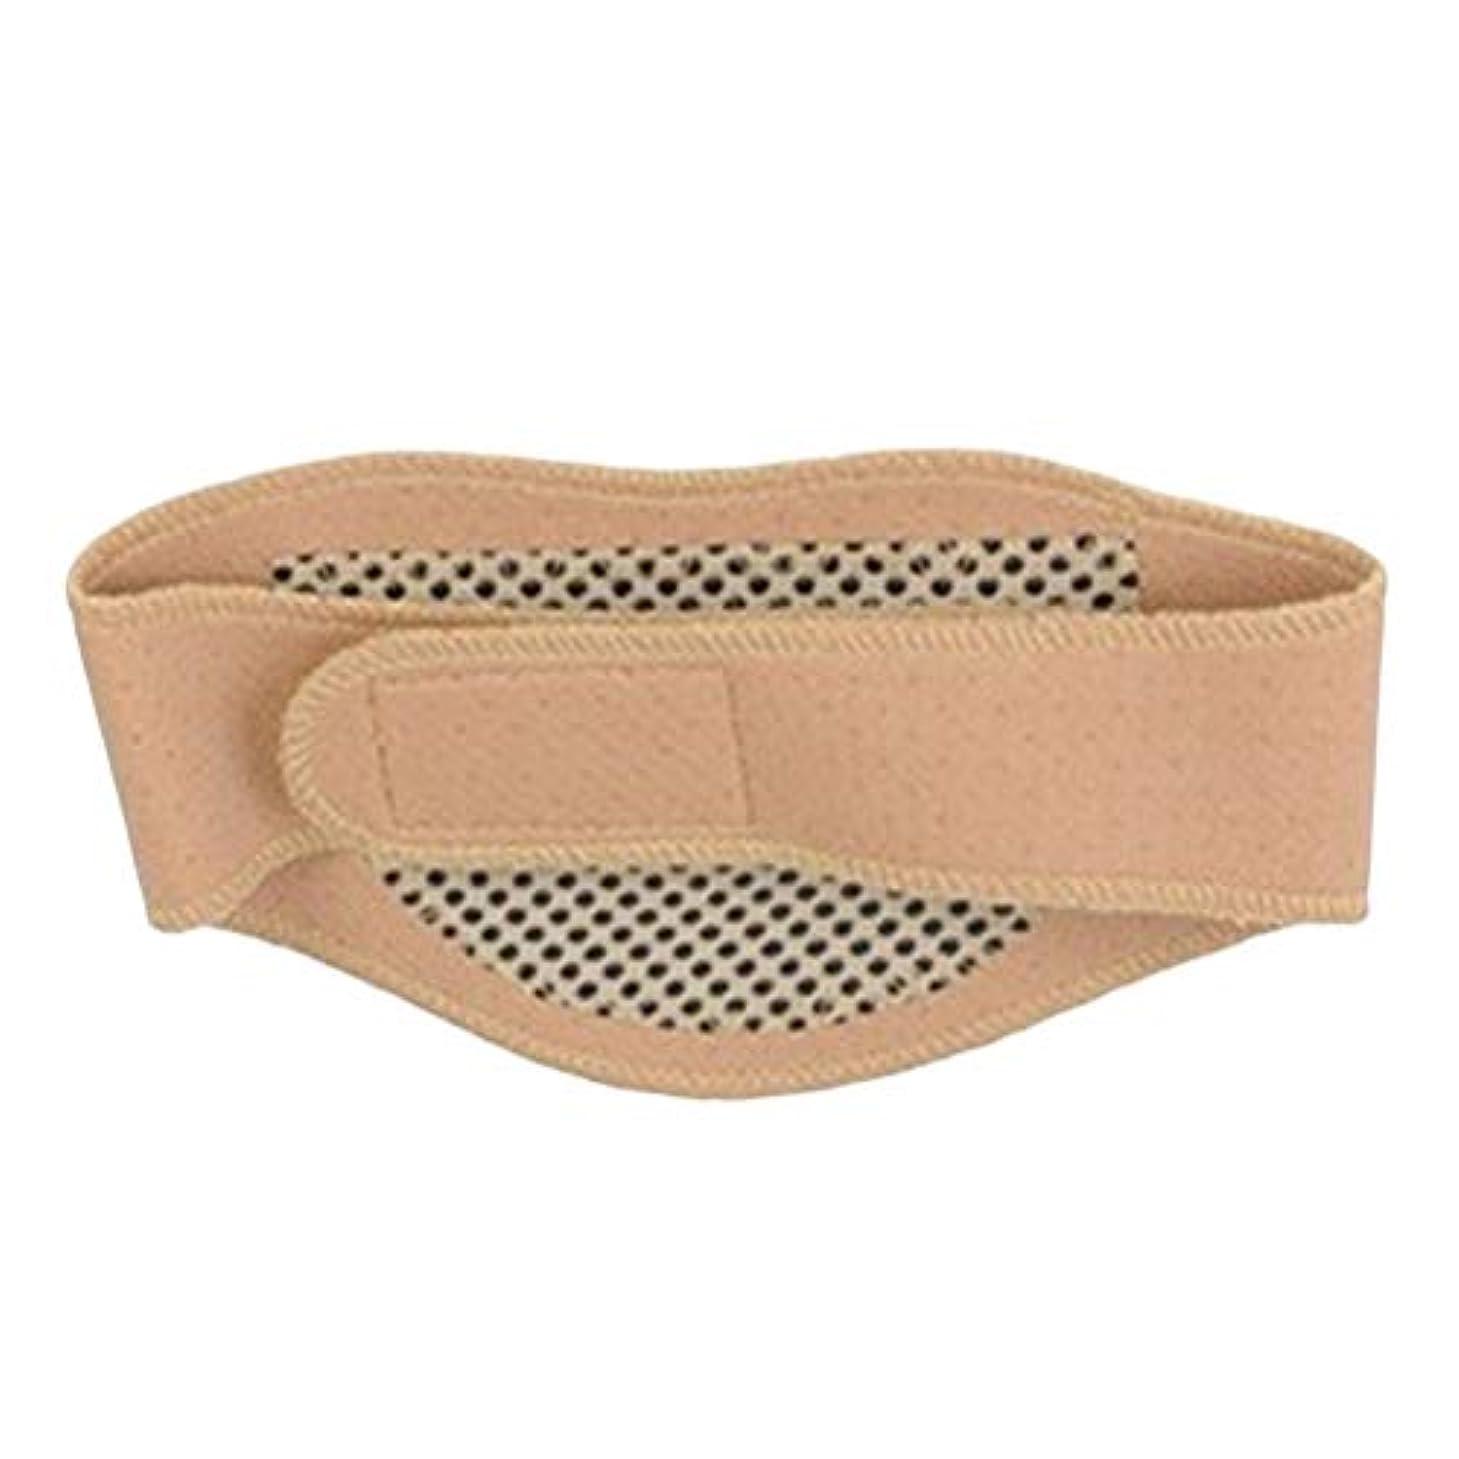 煙意識労働者SUPVOX ネックバックストラップサポート自己保護頸椎自発暖房ガード磁気療法ネックブレース